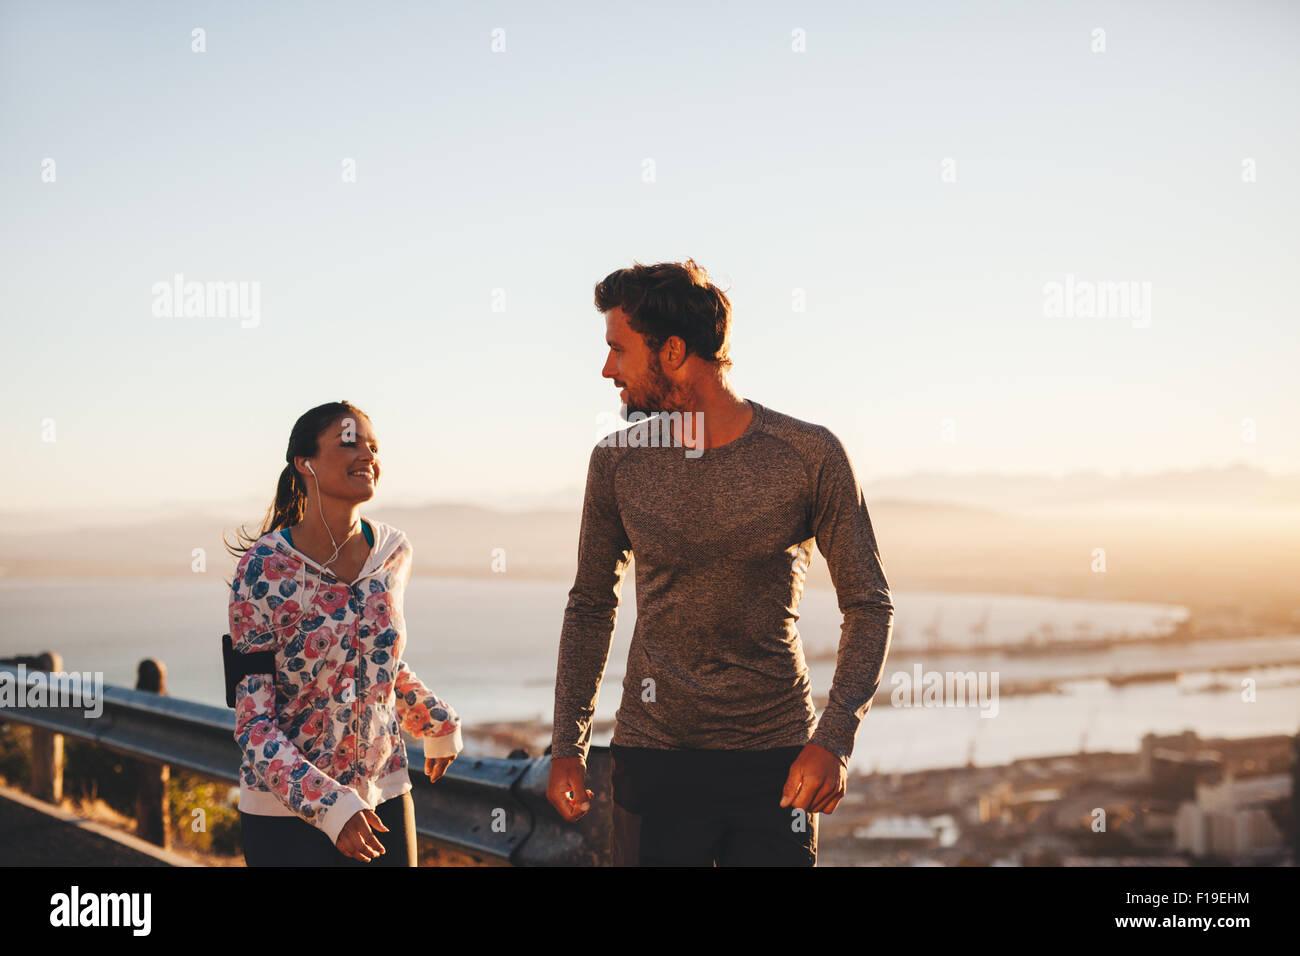 Imagen del monte joven y mujer trotar en country road, mirando el uno al otro. Los corredores disfrutar de correr Imagen De Stock